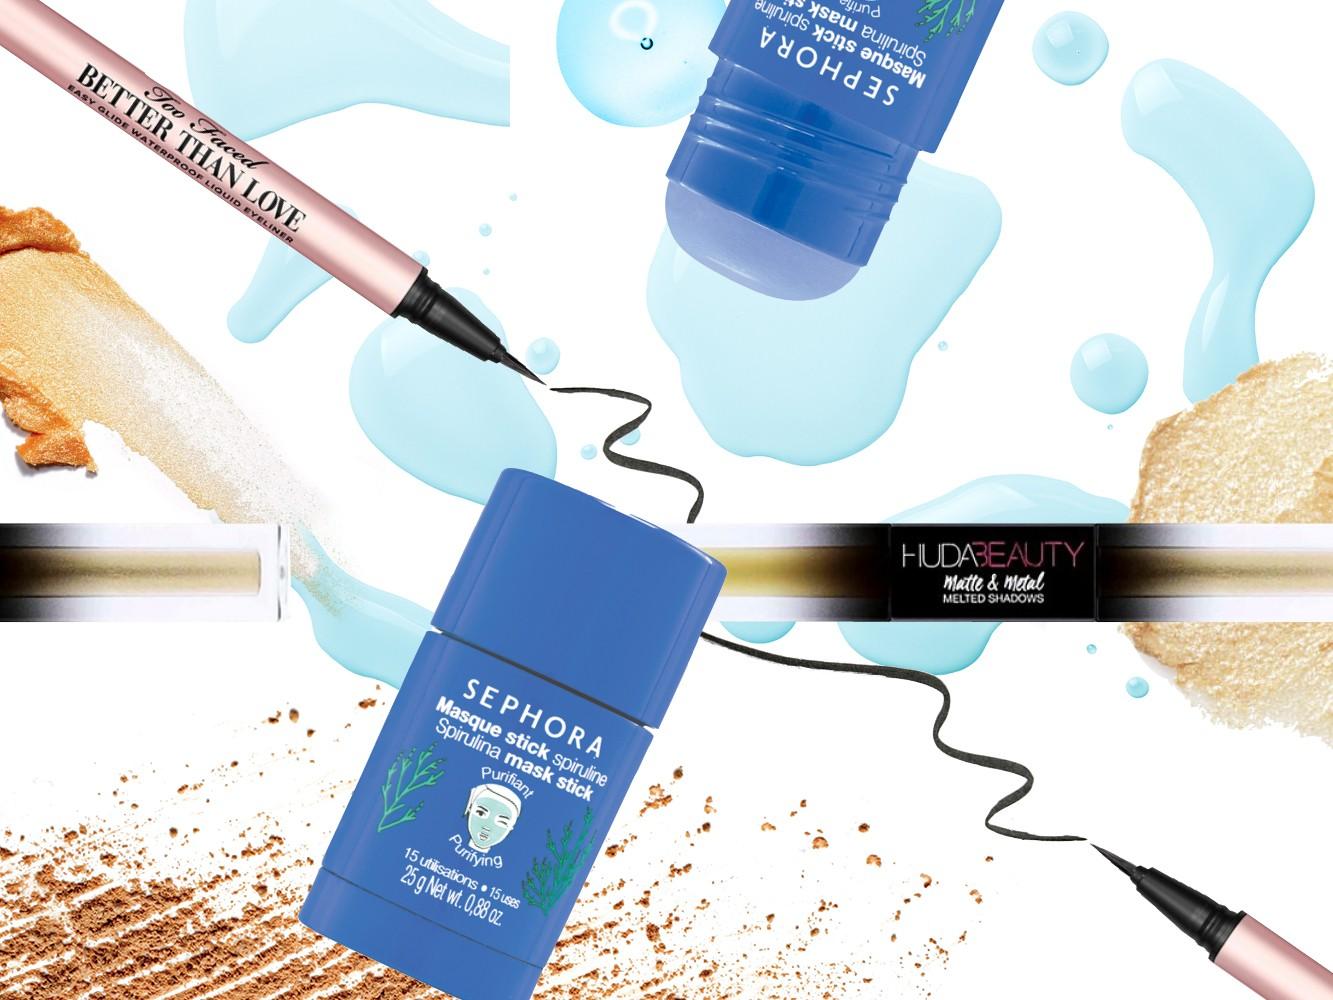 Οι 3 τυχερές που κερδίζουν από ένα beauty σετ Sephora με 3 must προϊόντα ομορφιάς